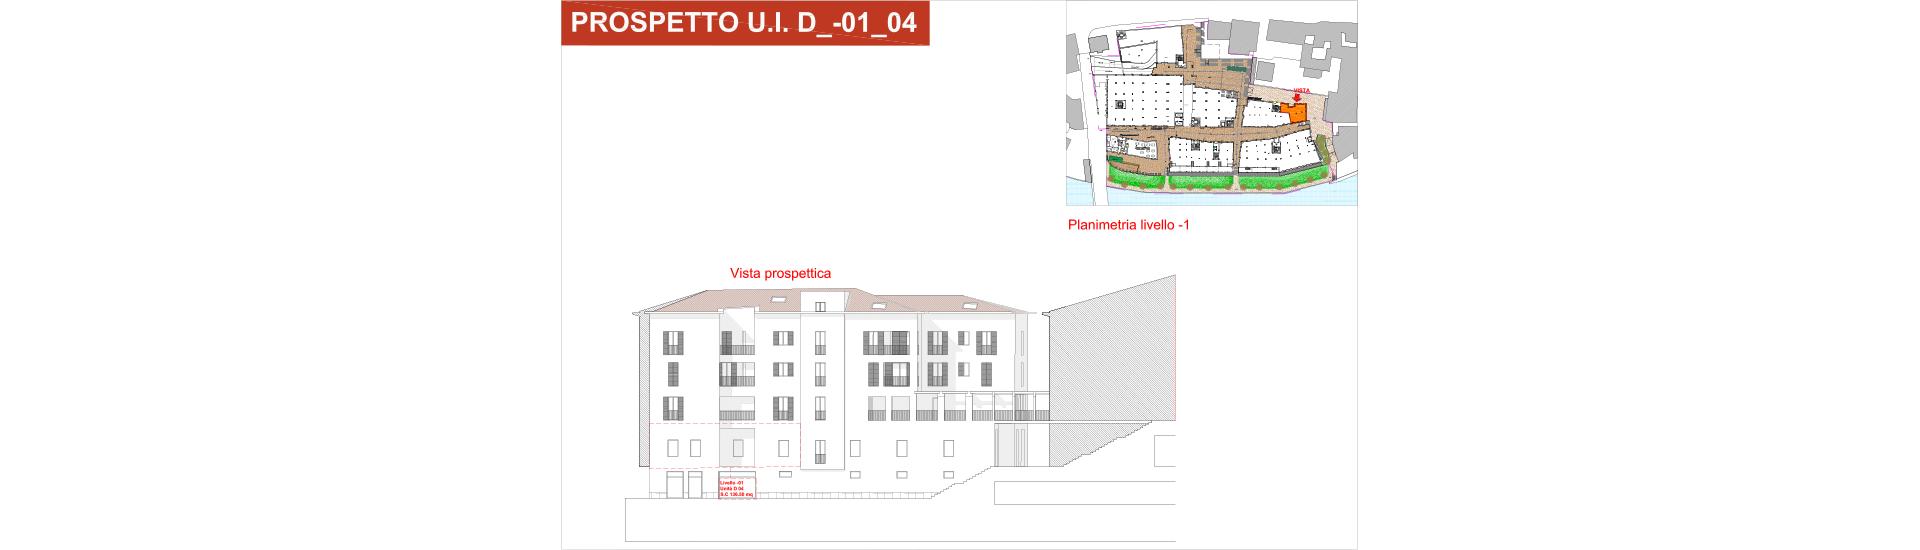 Edificio D, D_-01_04, immagine completa